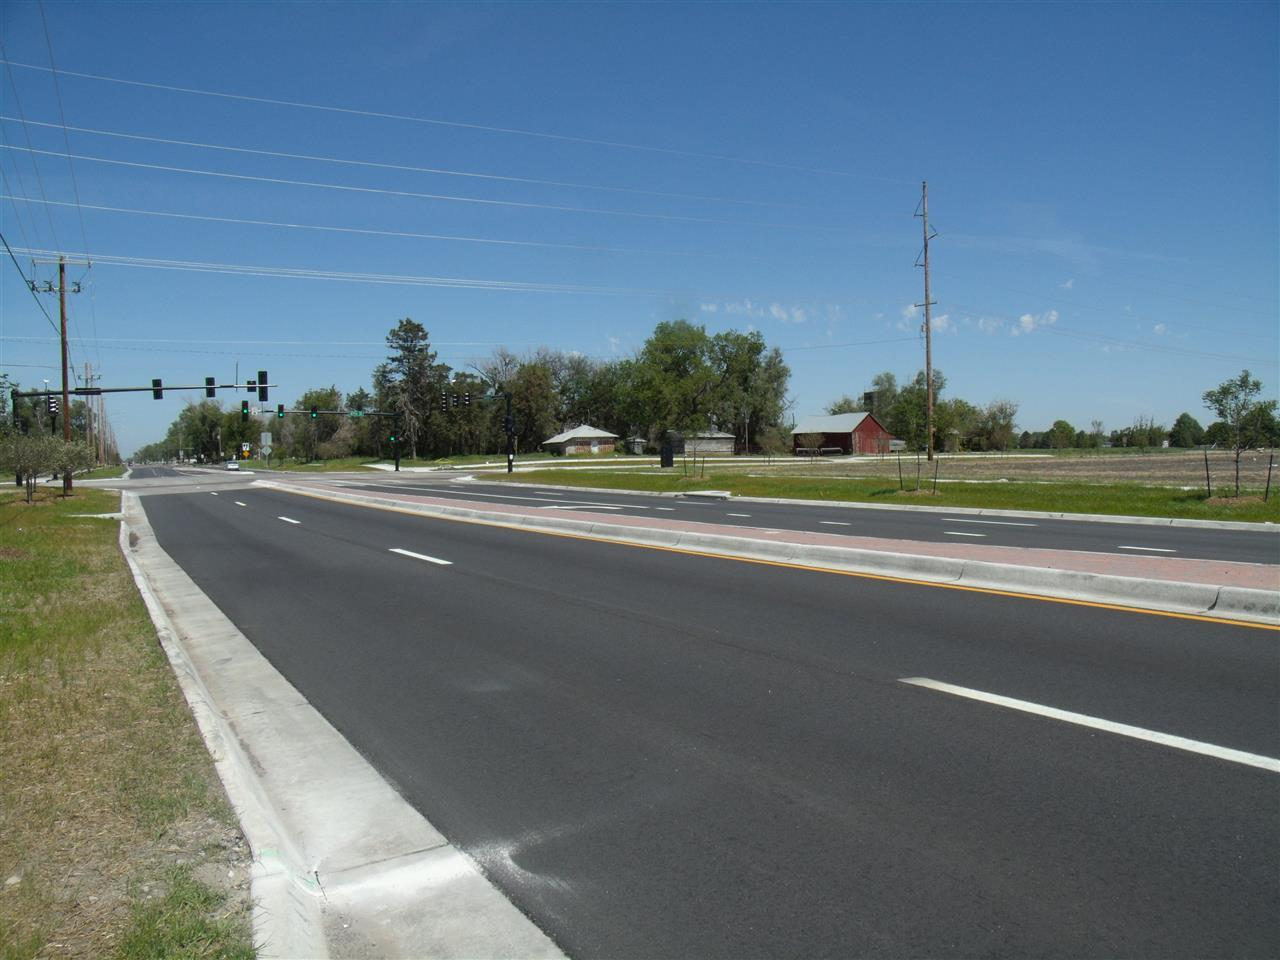 4756 S Meridian Ave, Wichita, KS, 67217